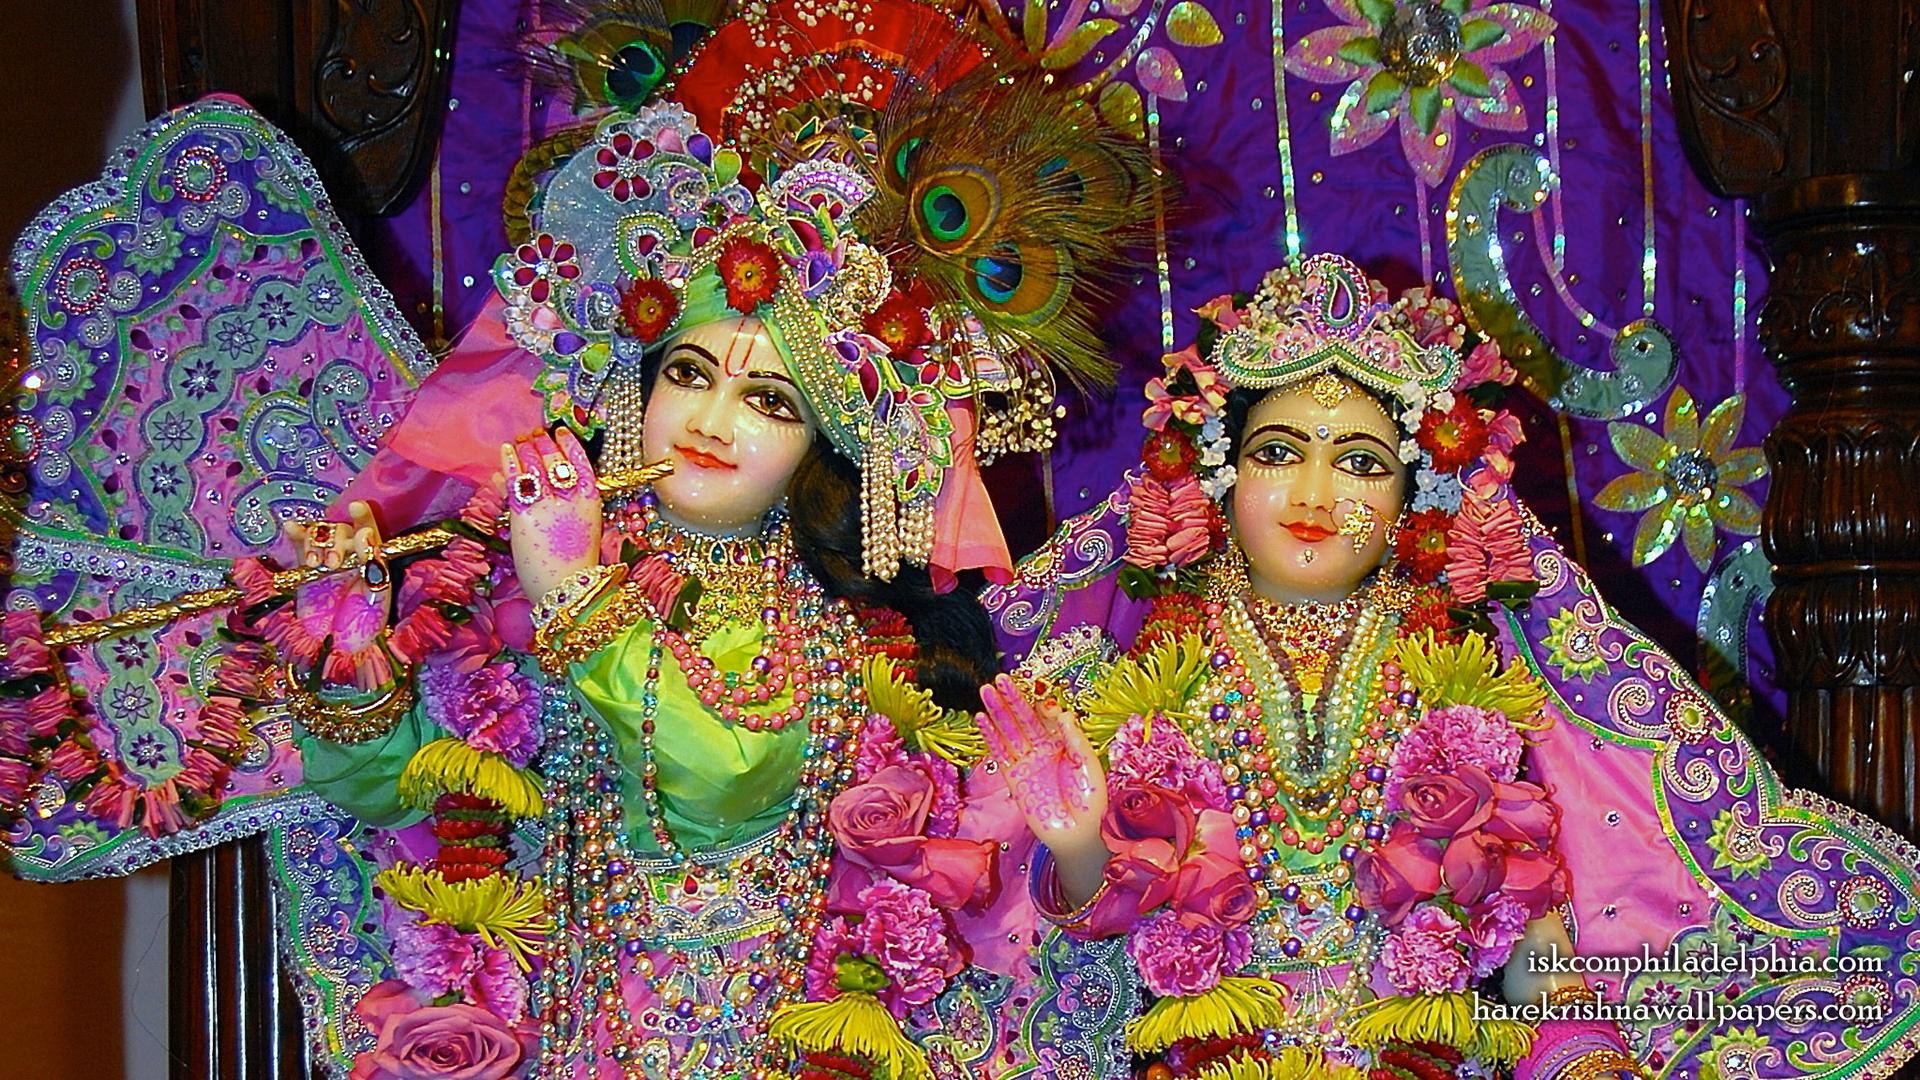 Sri Sri Radha Krishna Close up Wallpaper (011) Size 1920x1080 Download